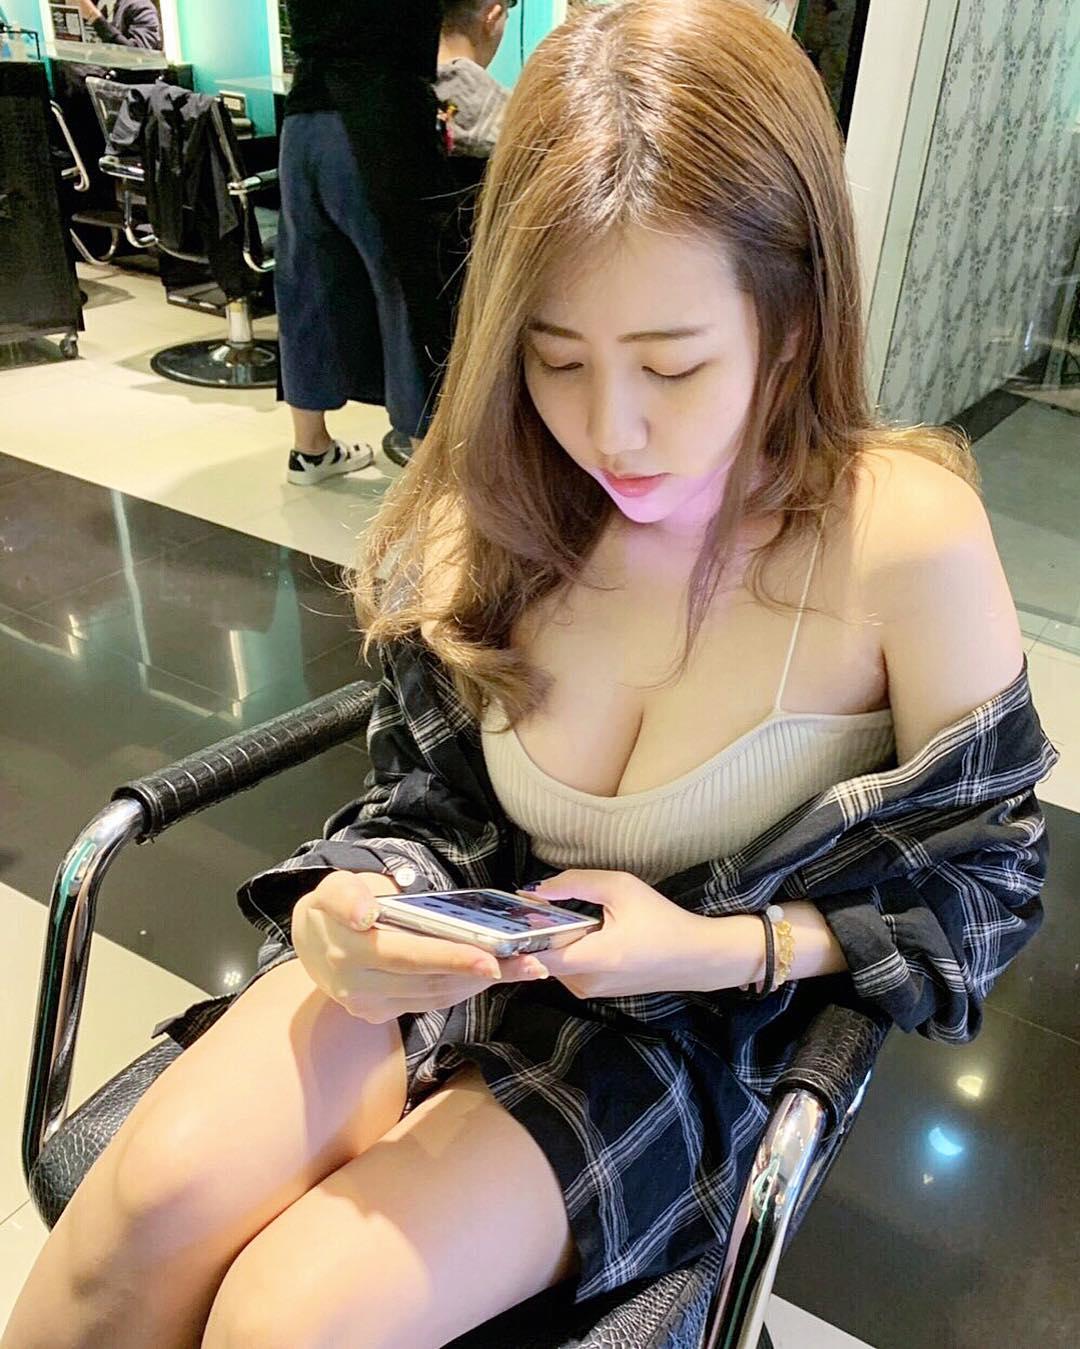 JKF甜美妹子「夏筠婷」不吝啬分享火辣曲线 发现美